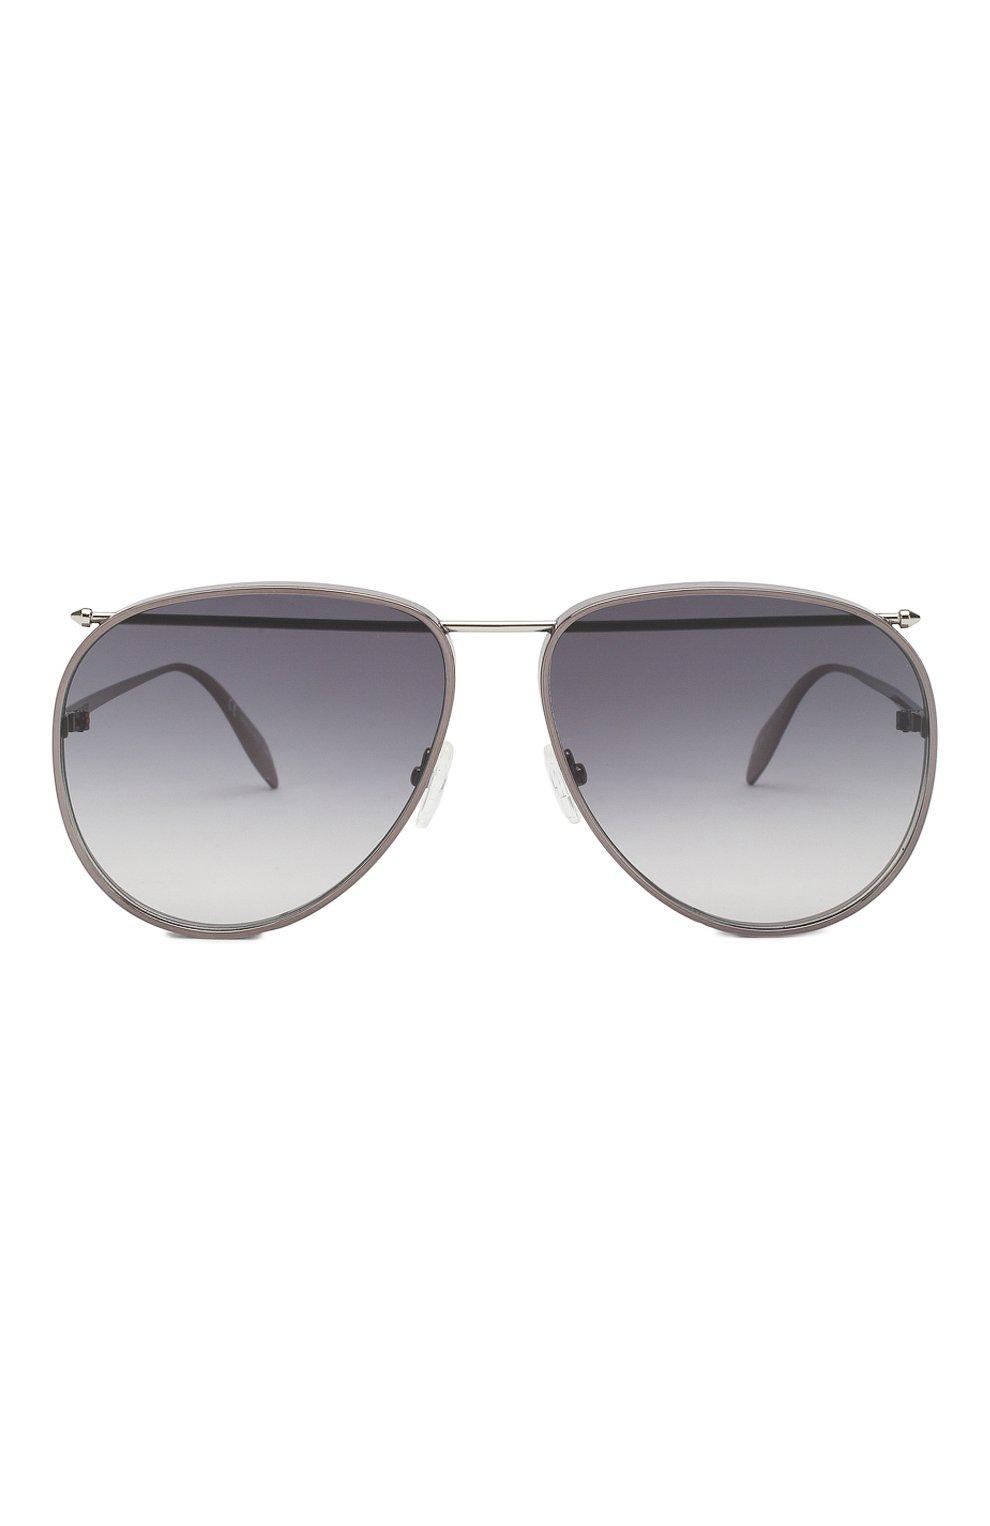 Женские солнцезащитные очки ALEXANDER MCQUEEN серого цвета, арт. AM0170 003 | Фото 2